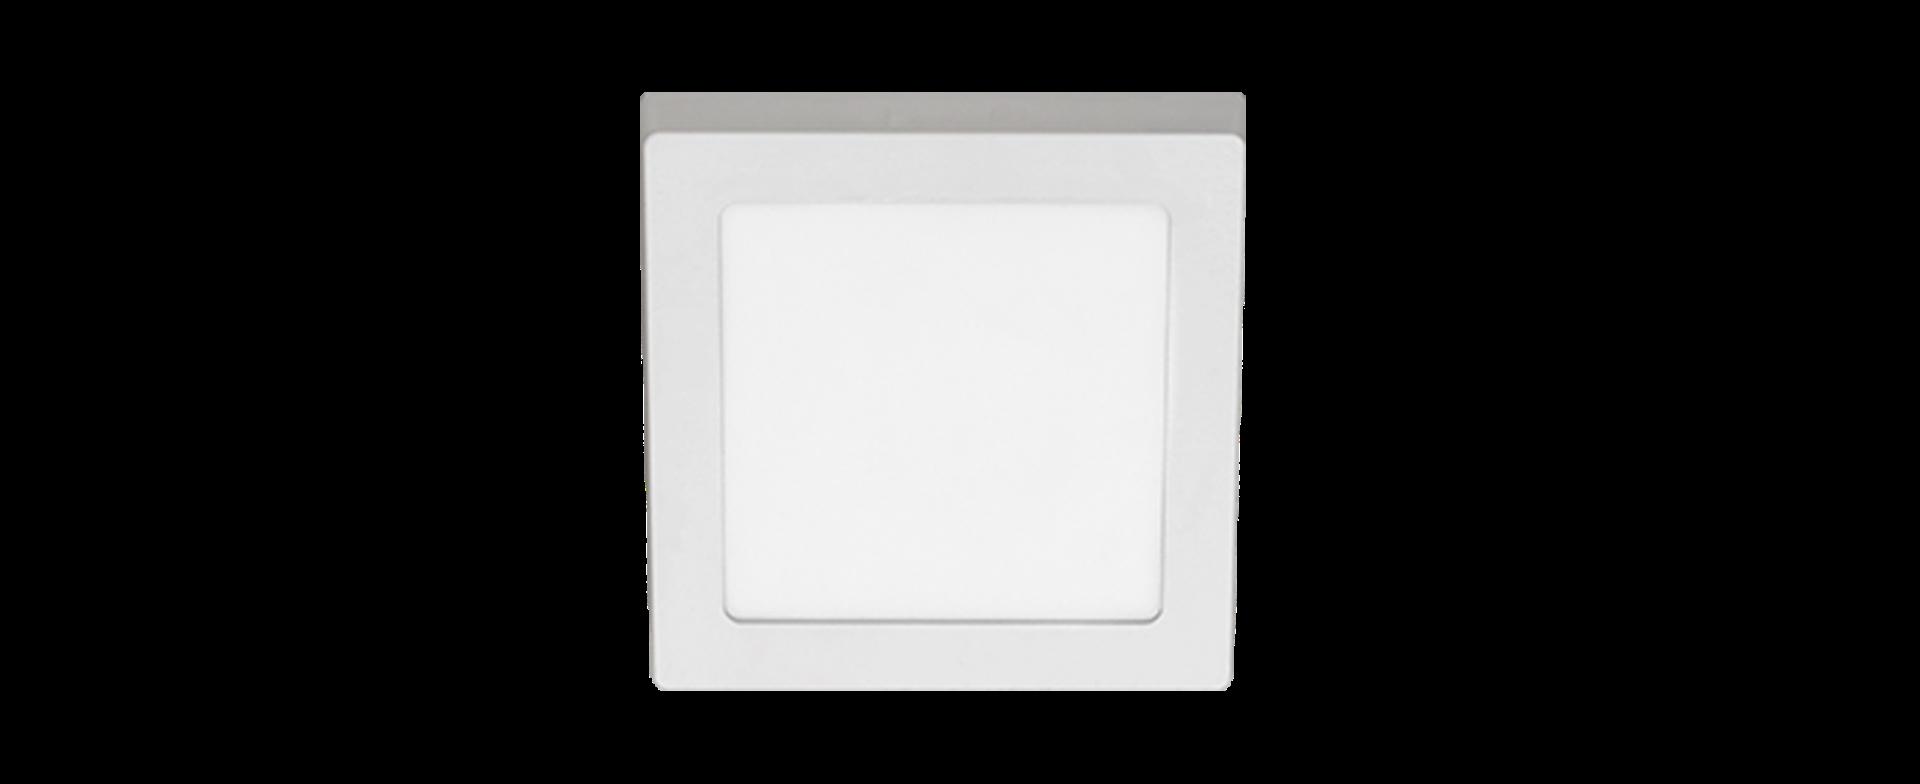 Painel de Sobrepor Quadrado LED 24W 3000K Bivolt STH8964Q/30 - Stella Design